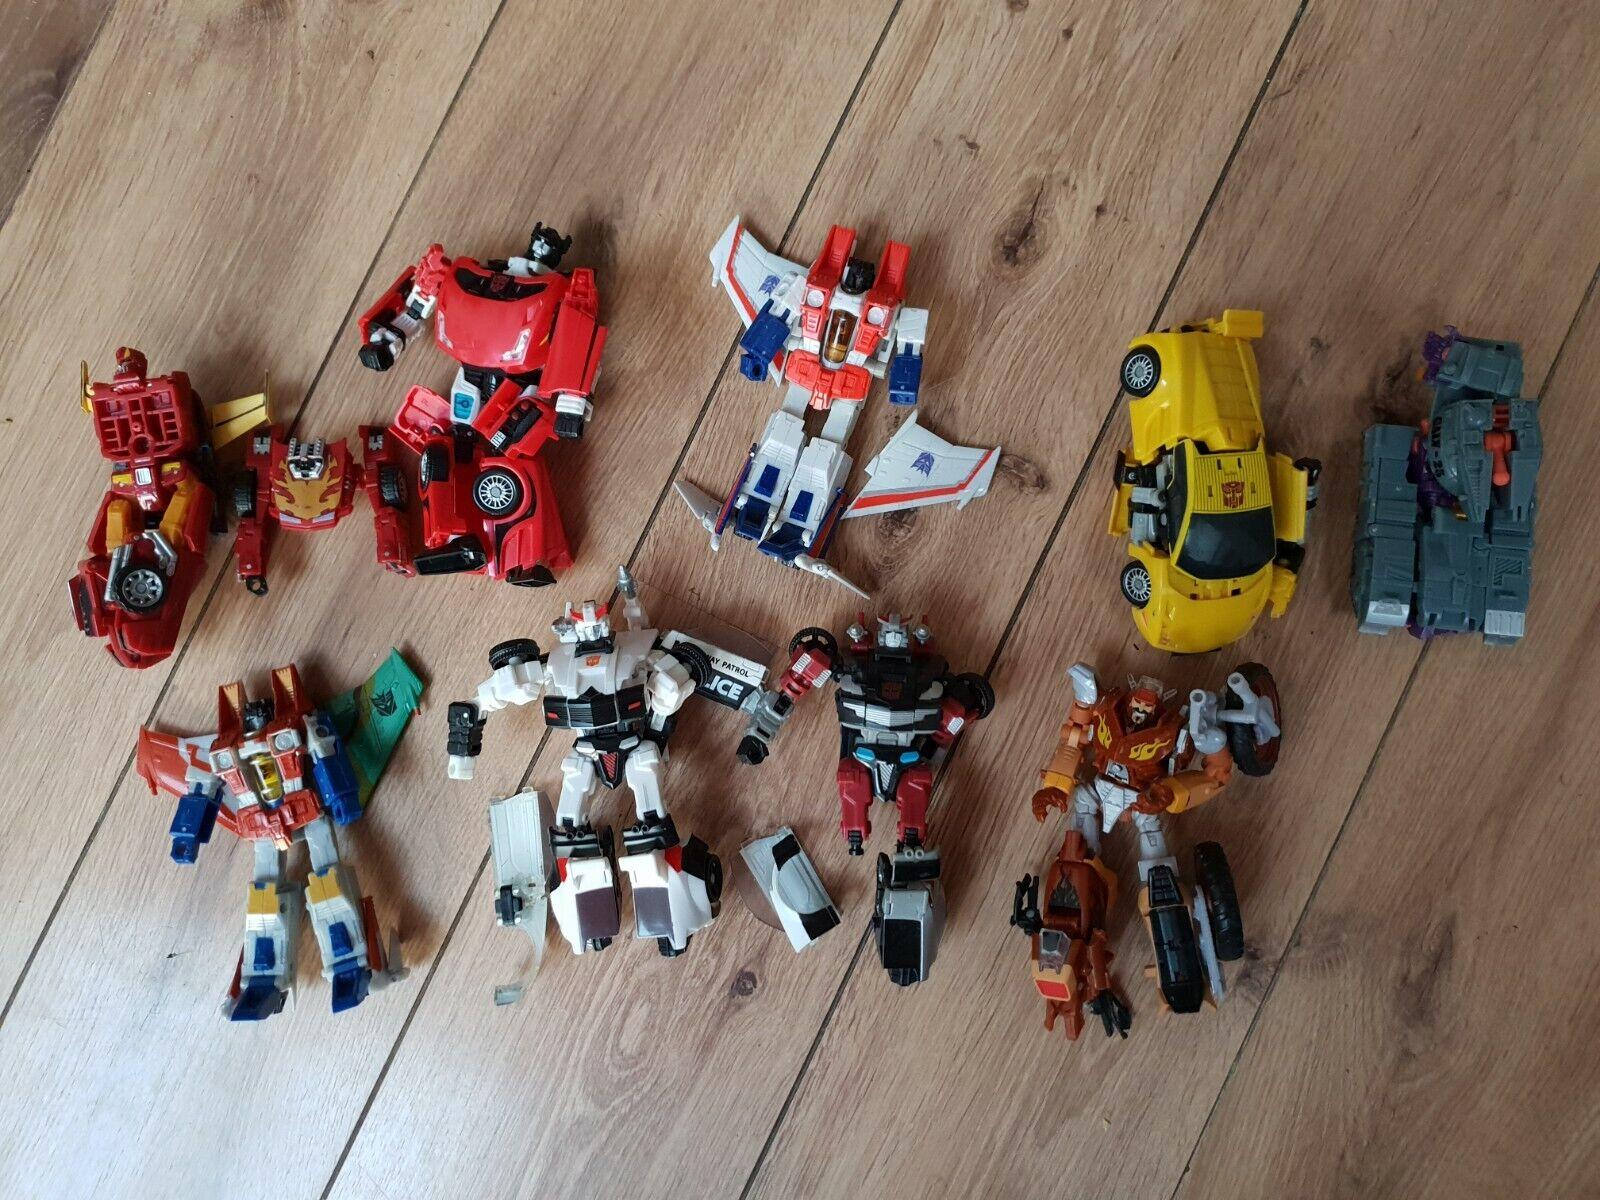 Transformers classeICS ricambi riparazioni estrellaSCREAM Sideswipe sunstreaker CACCIA